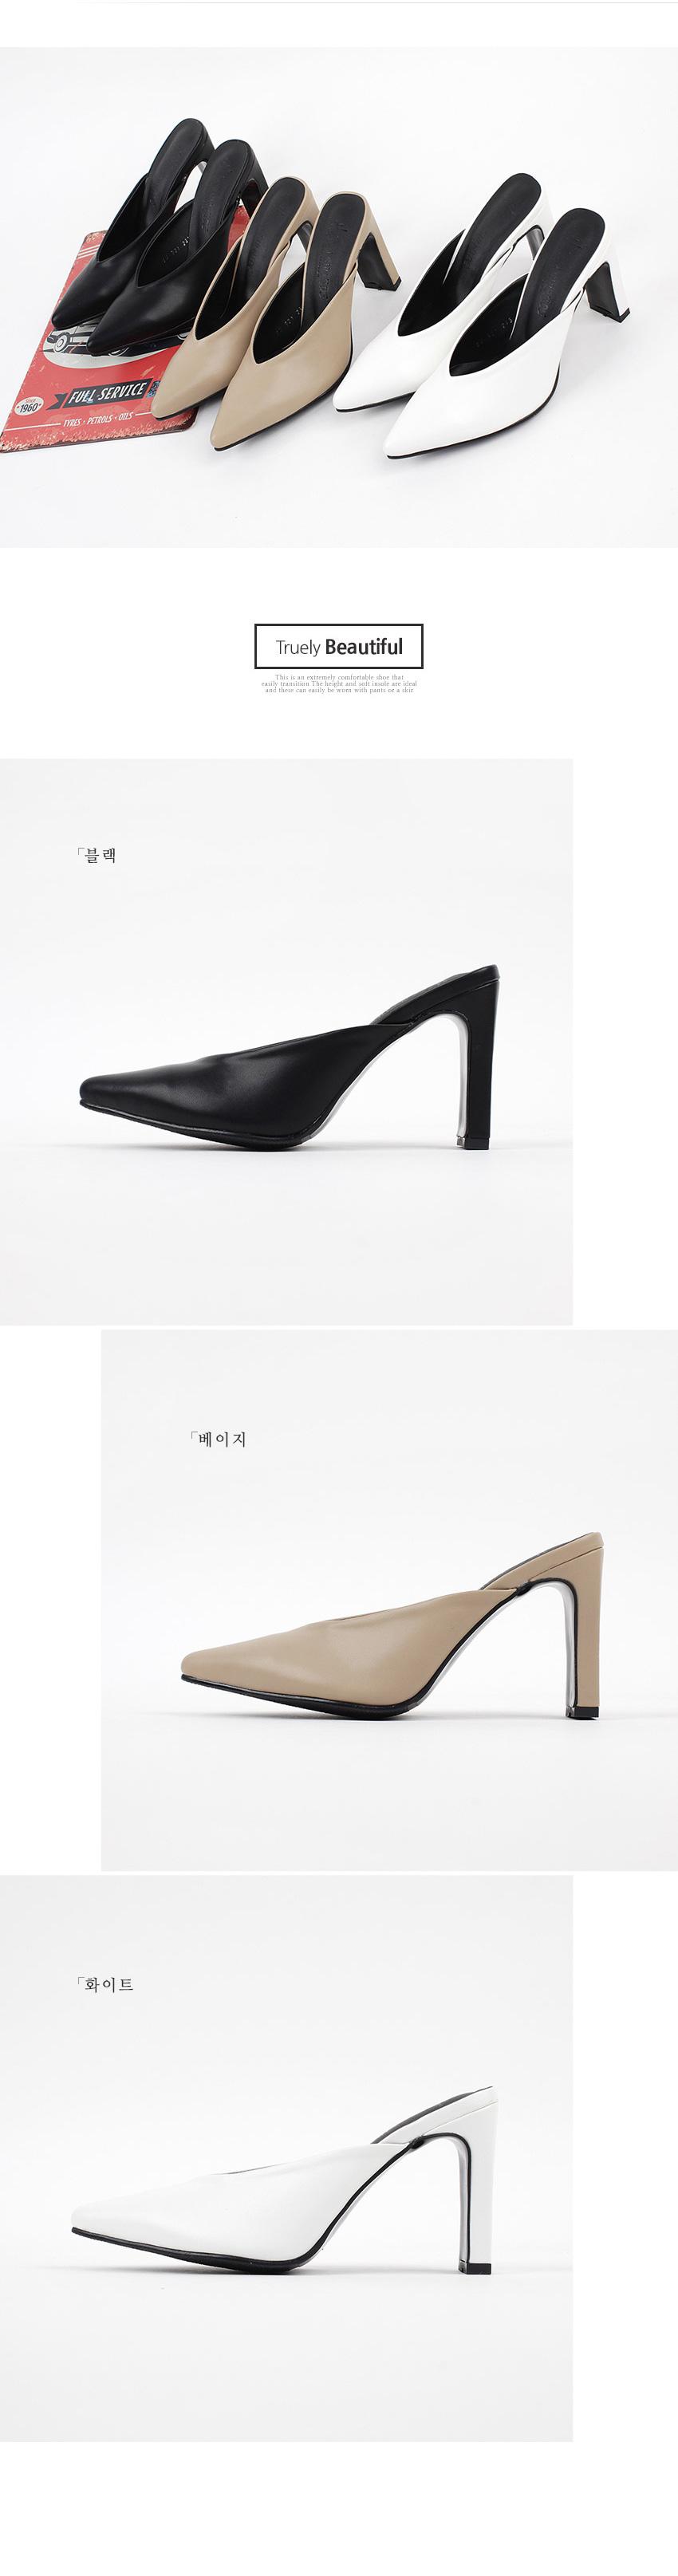 더보이더걸WS-6647(9cm) 여자 뾰족코 뮬슬리퍼 스틸레토 - 더보이더걸, 47,800원, 슬링백/블로퍼, 블로퍼